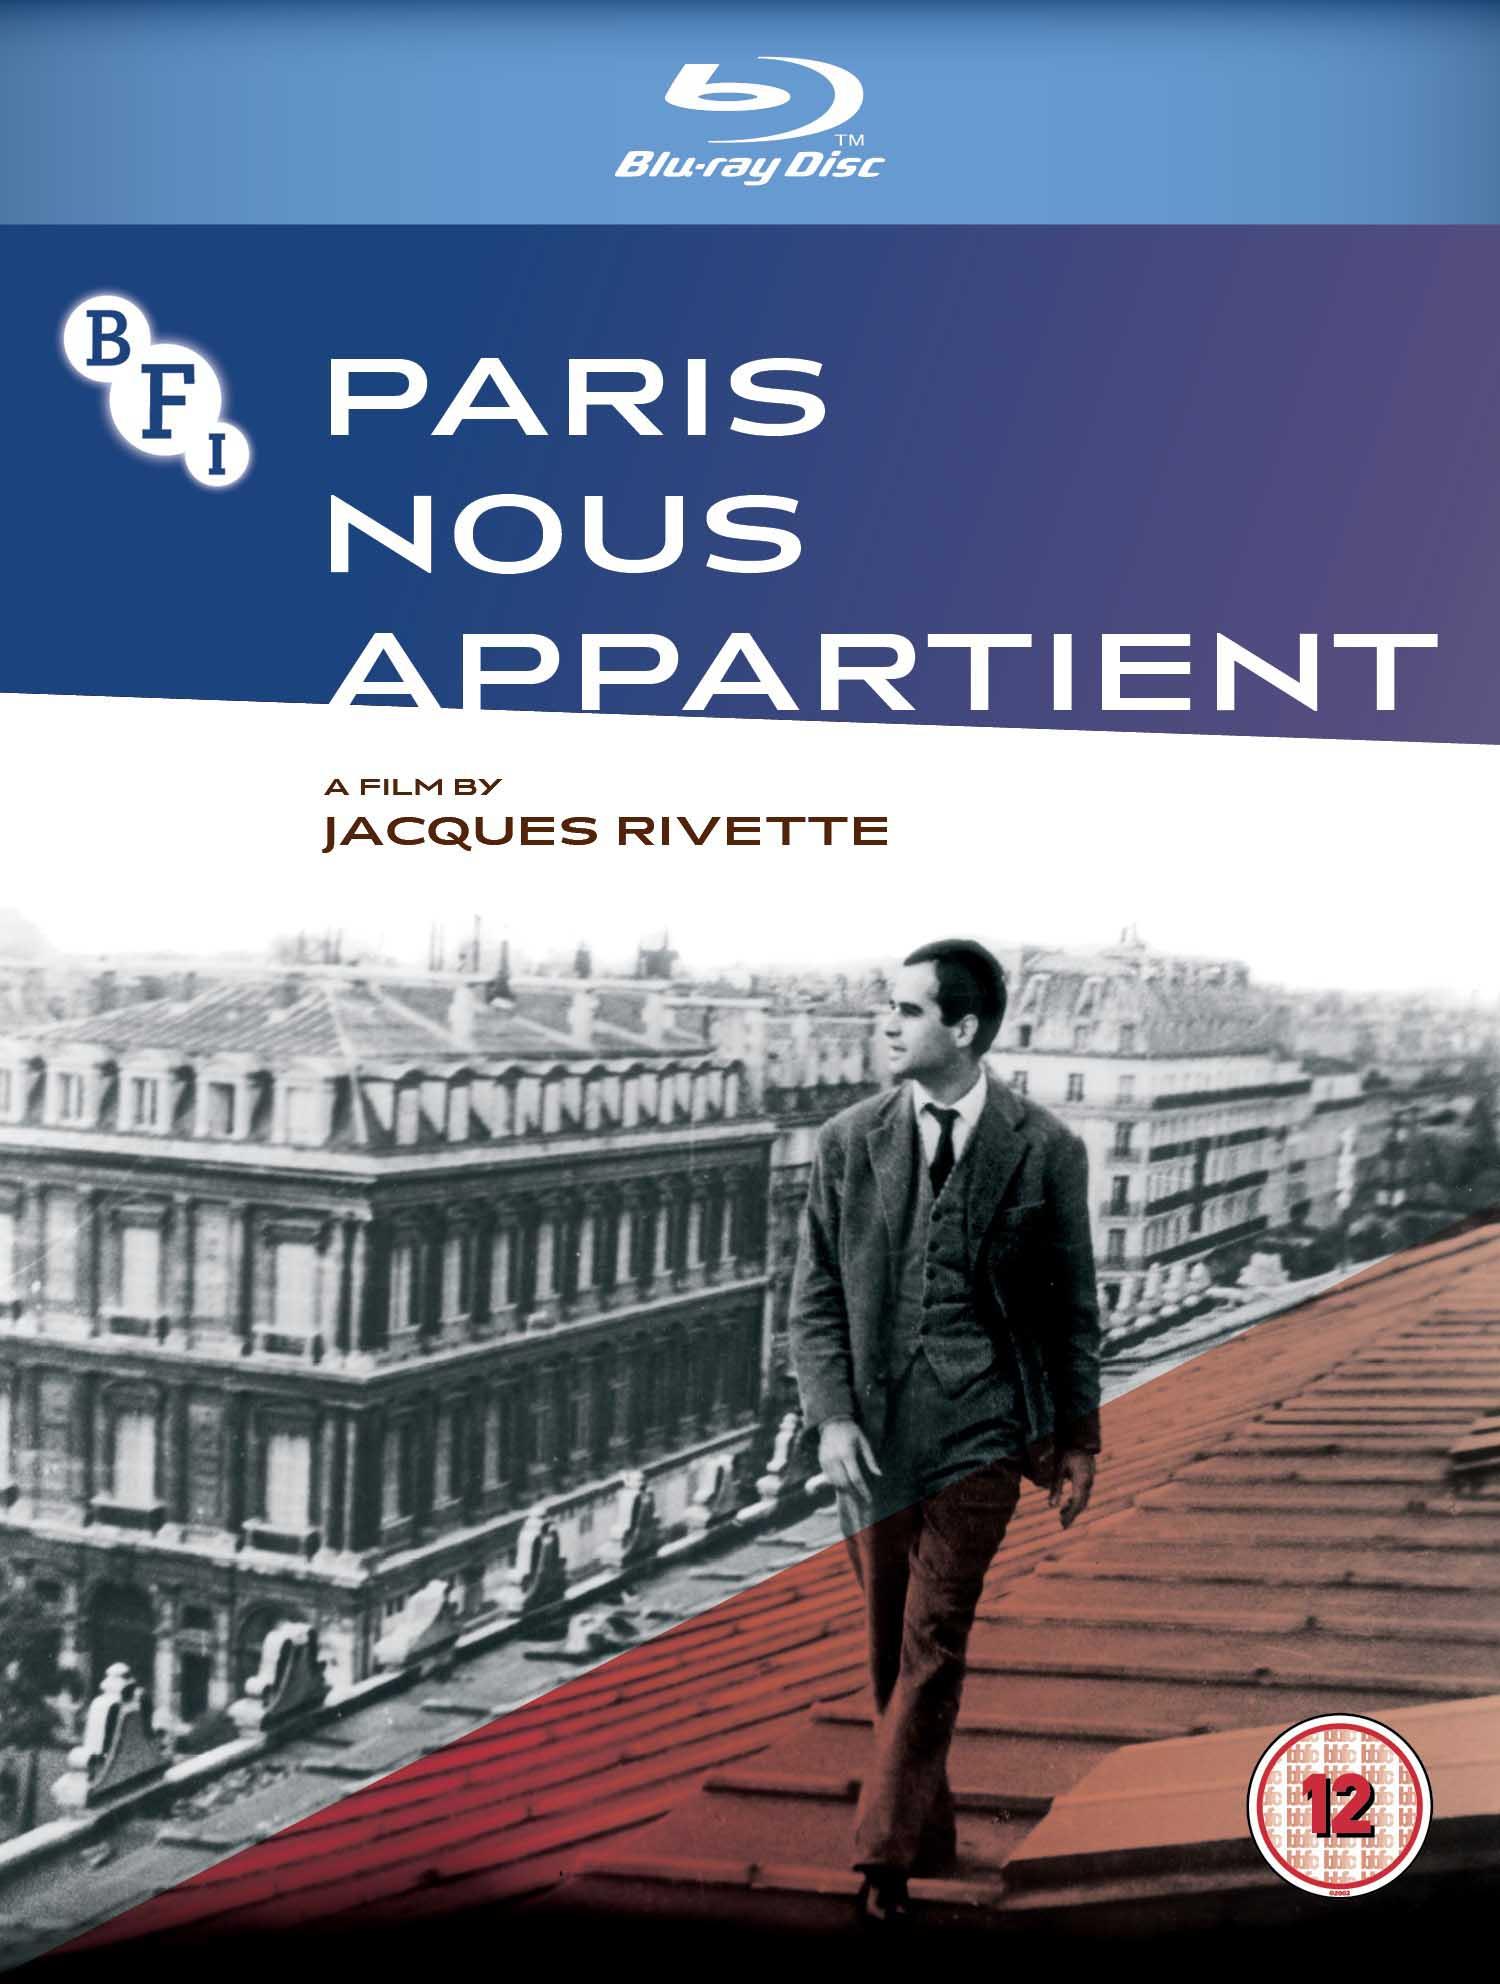 Buy Paris Nous Appartient (Blu-ray)